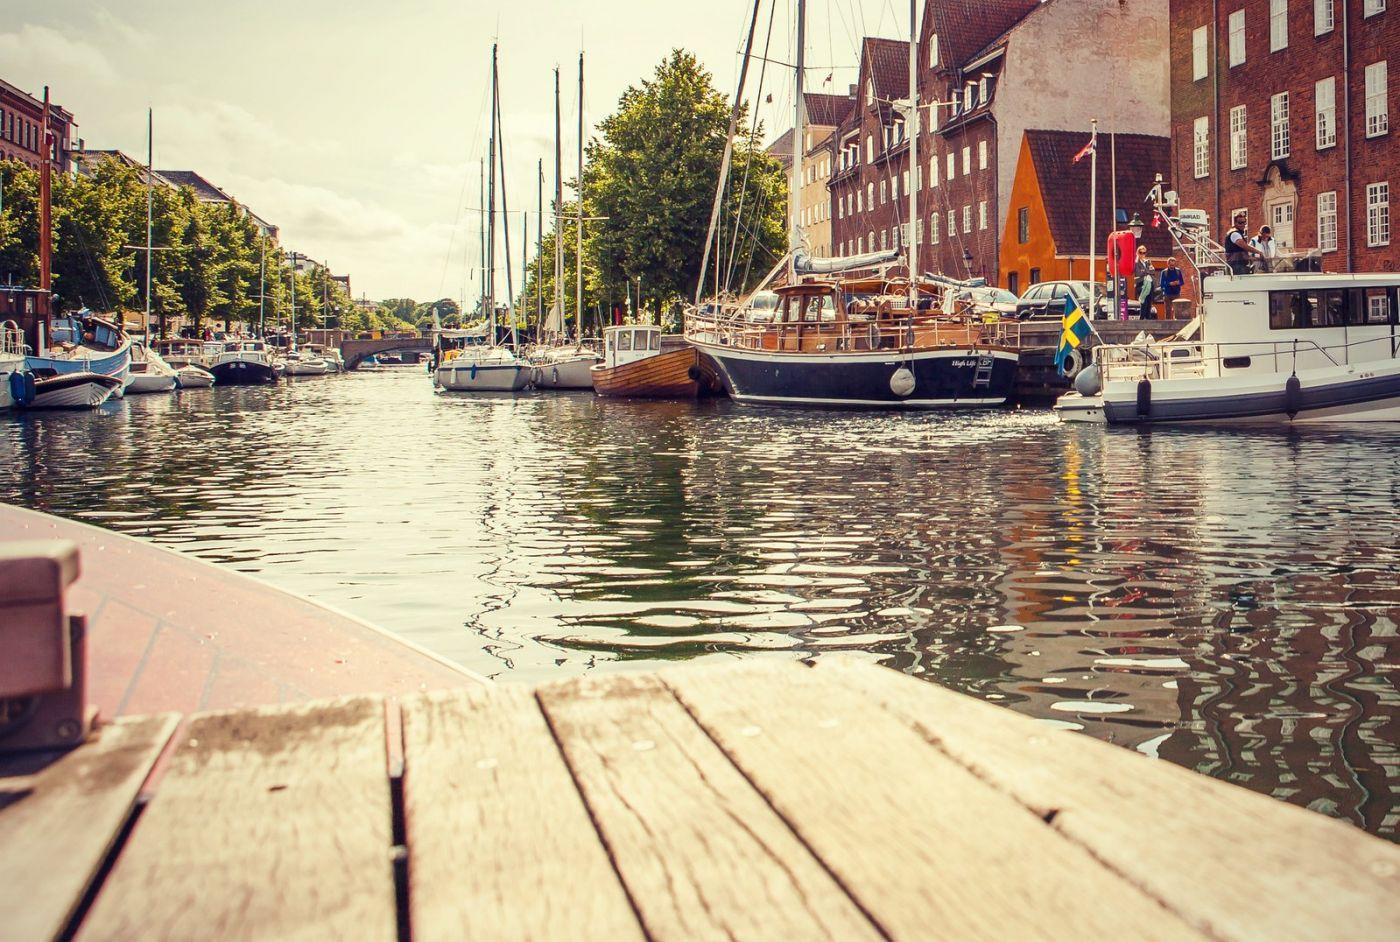 丹麦哥本哈根,新旧融合的城市_图1-27